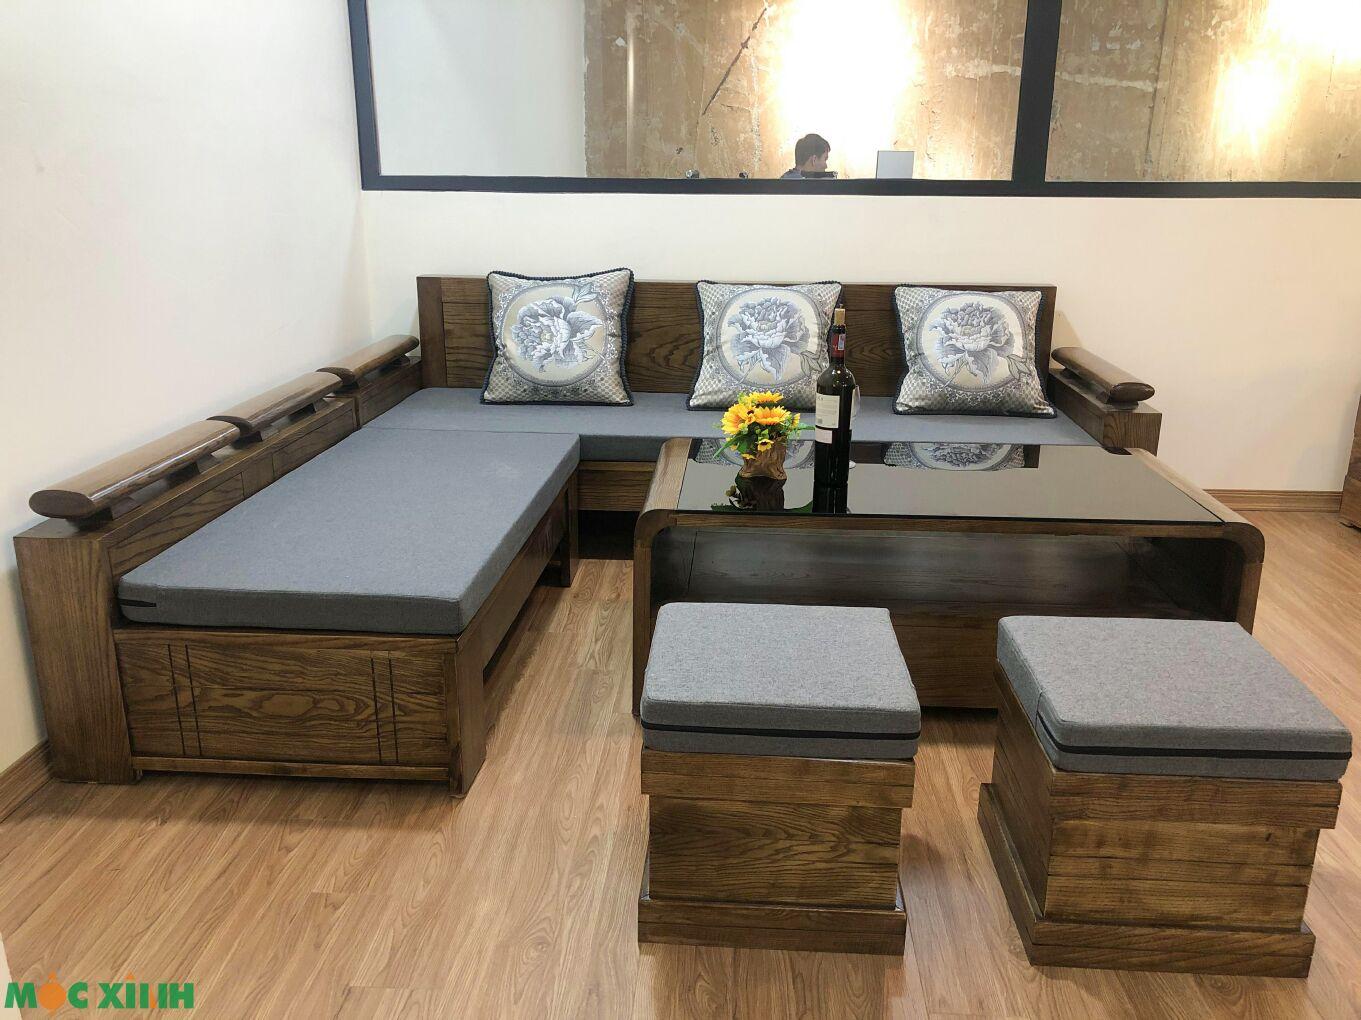 Bộ bàn ghế gỗ sồi phù hợp với nhiều không gian